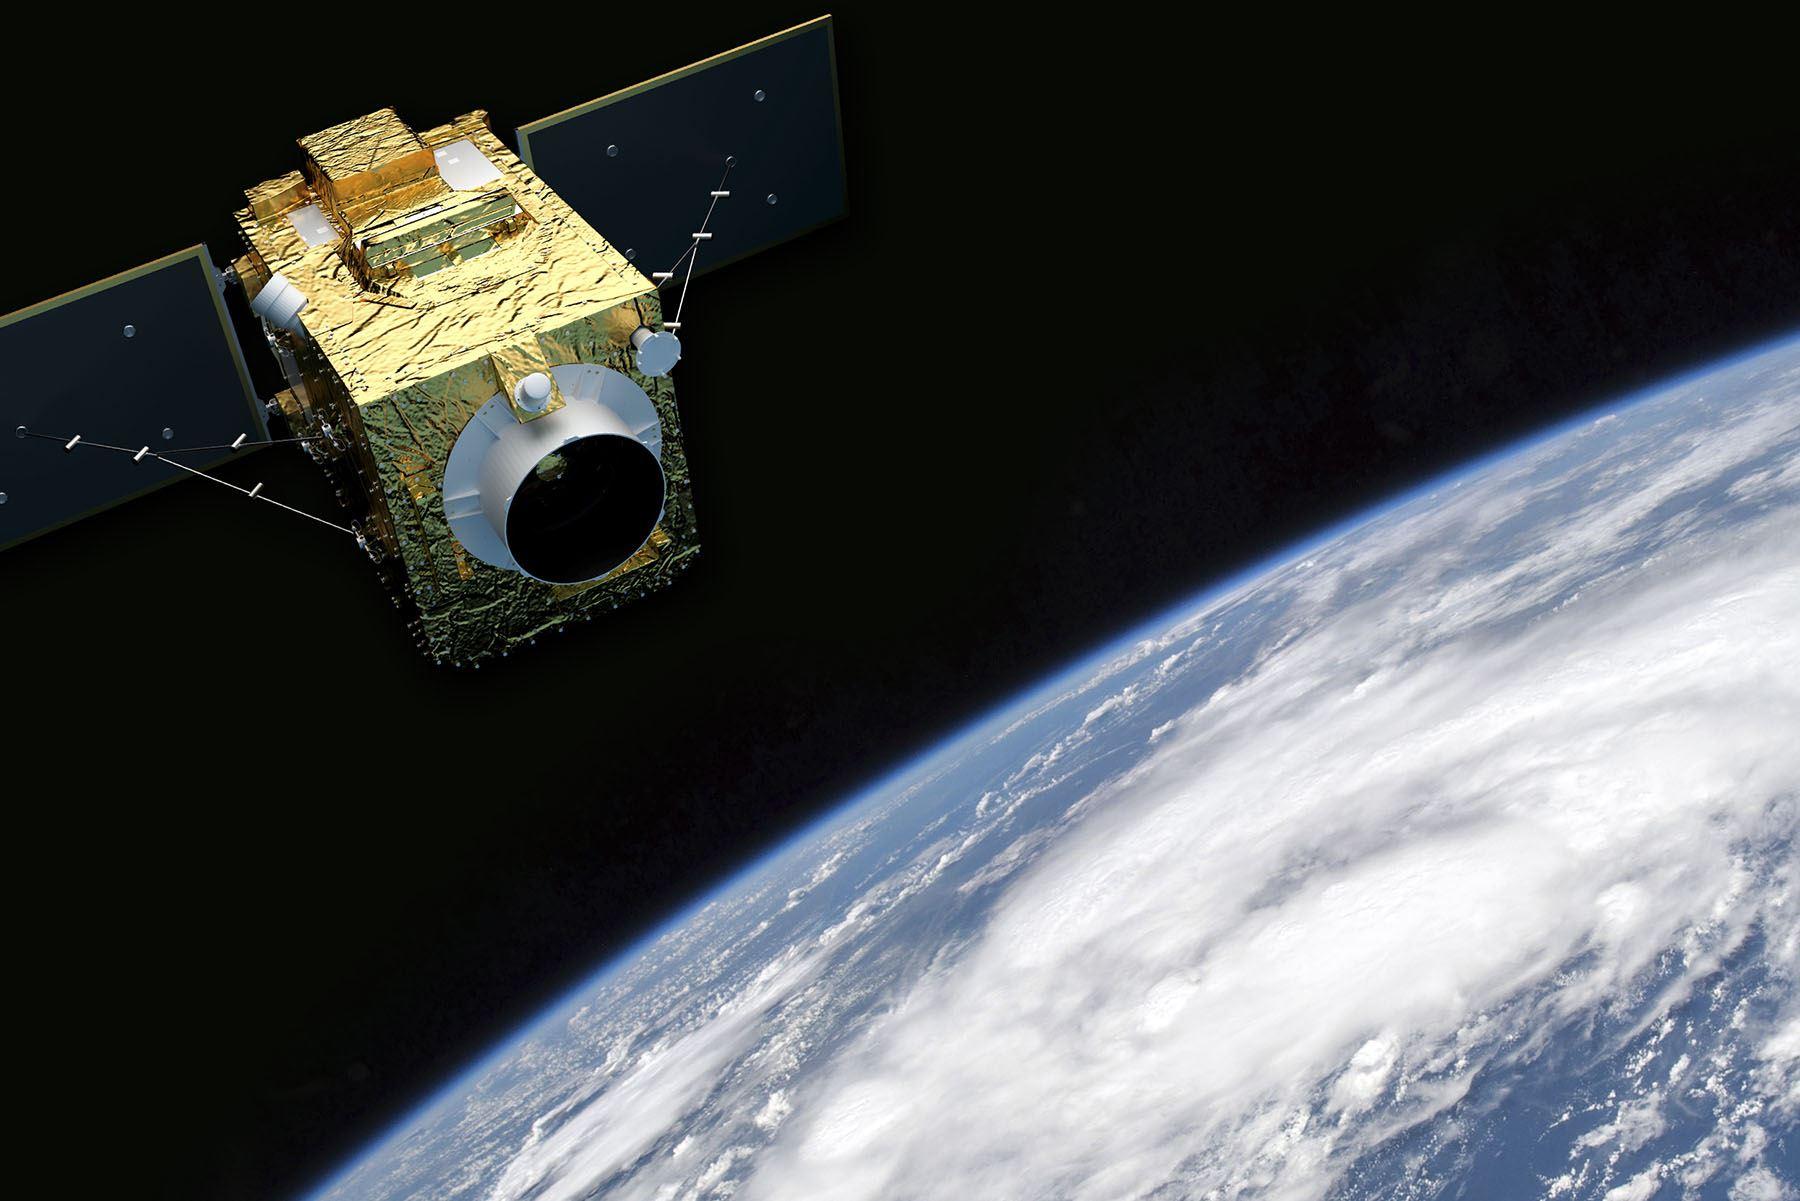 Desde el primer día el satélite ha sido controlado por especialistas e ingenieros peruanos desde el Centro Nacional de Operaciones de Imágenes Satelitales (CNOIS).